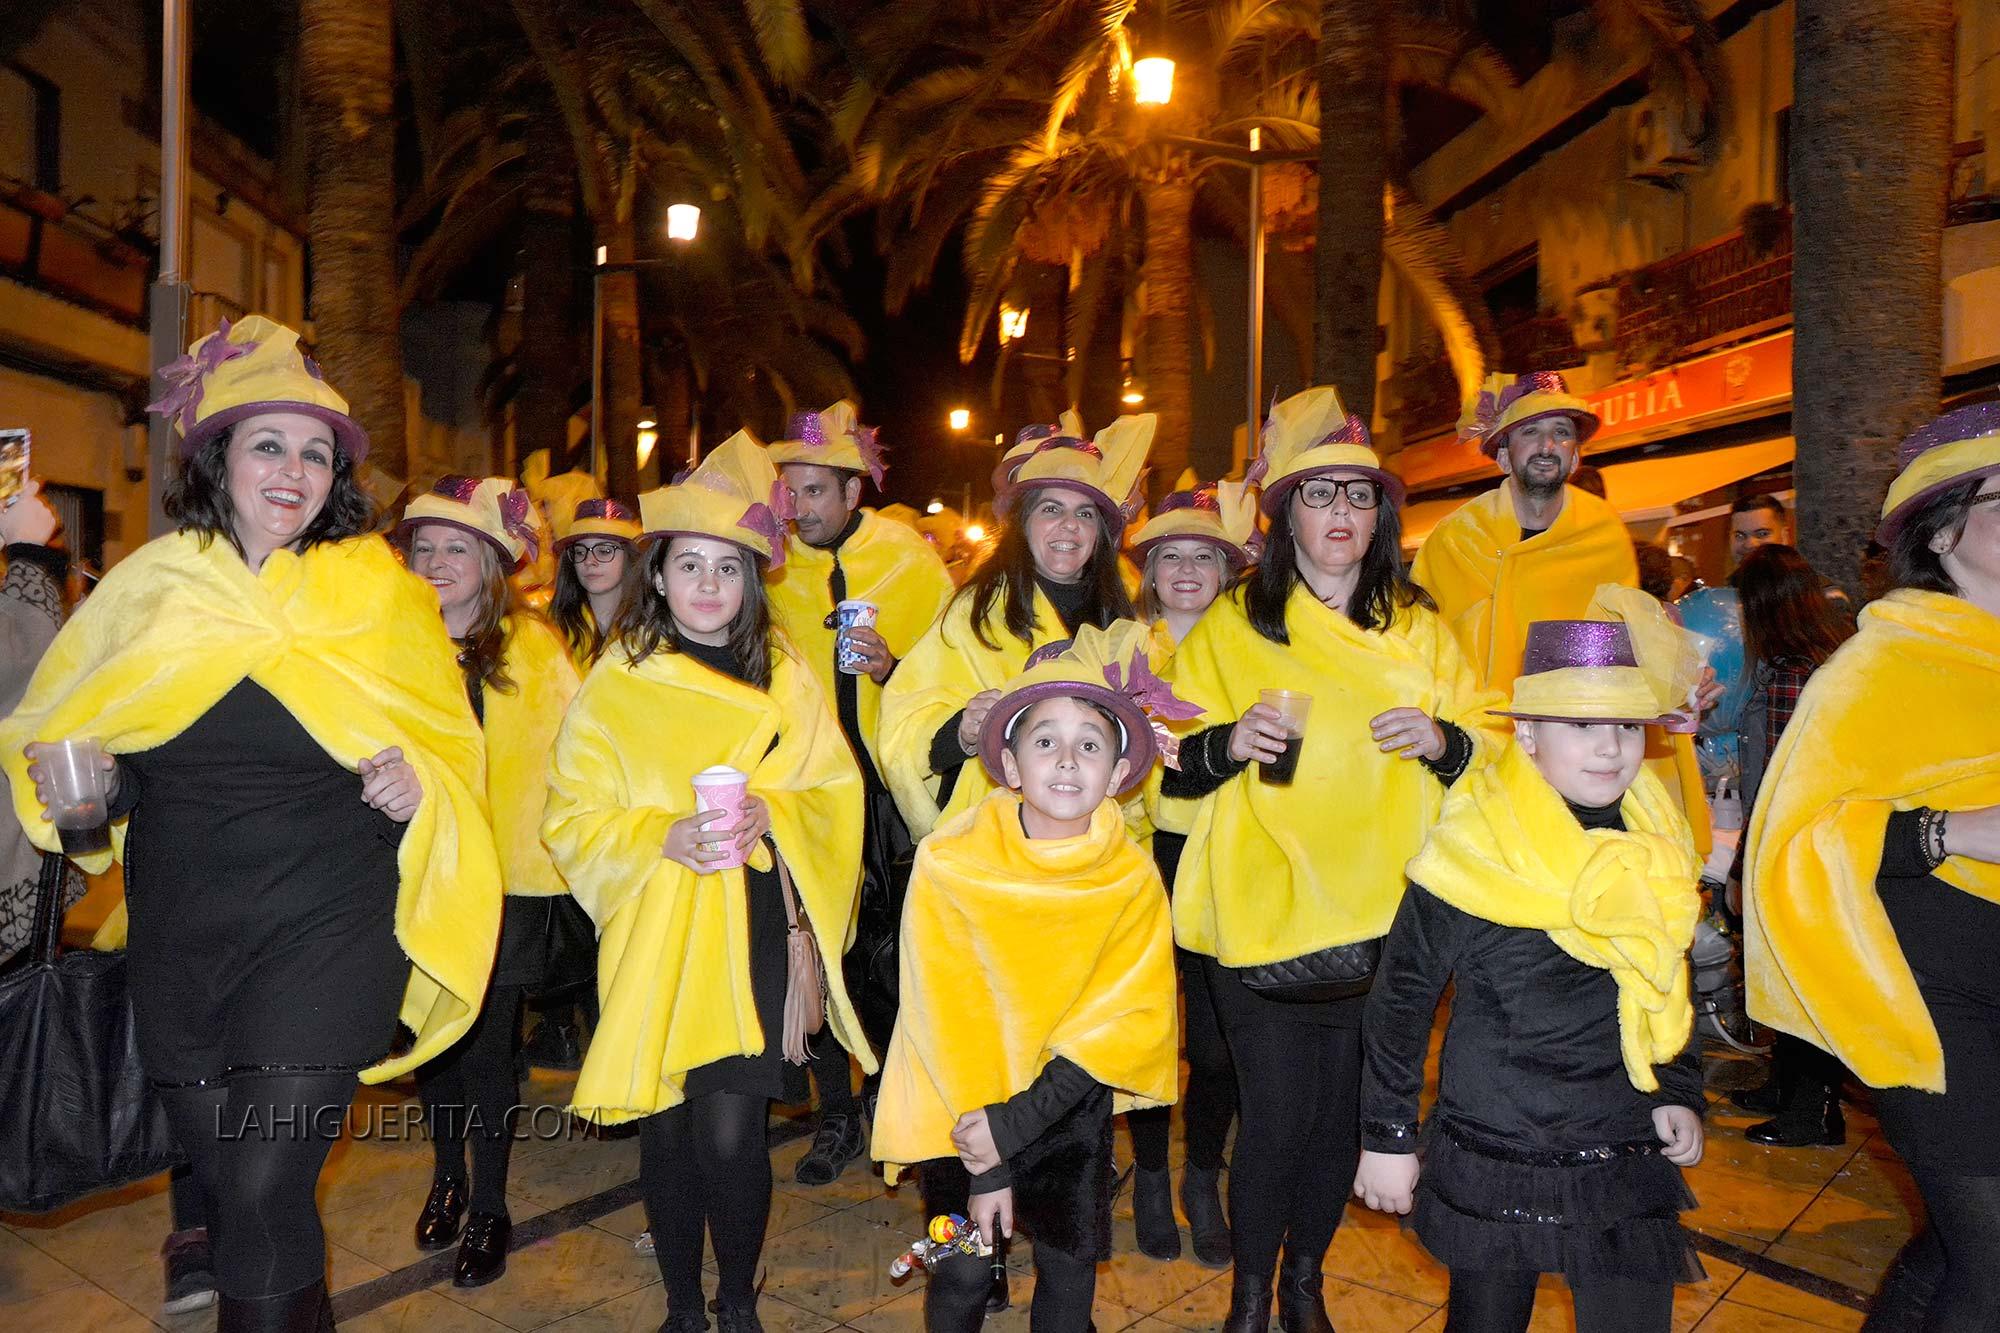 Entierro de la sardina carnaval isla cristina _DSC2027